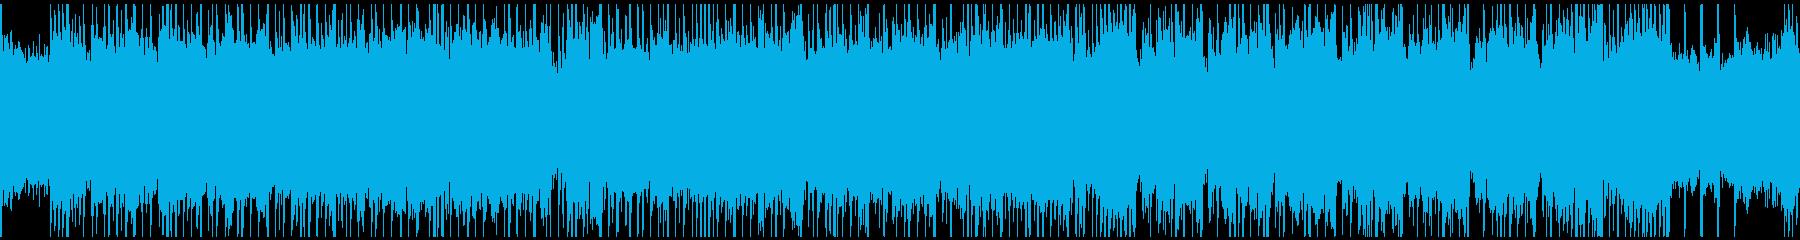 印象的なベースラインとワウギターのロックの再生済みの波形